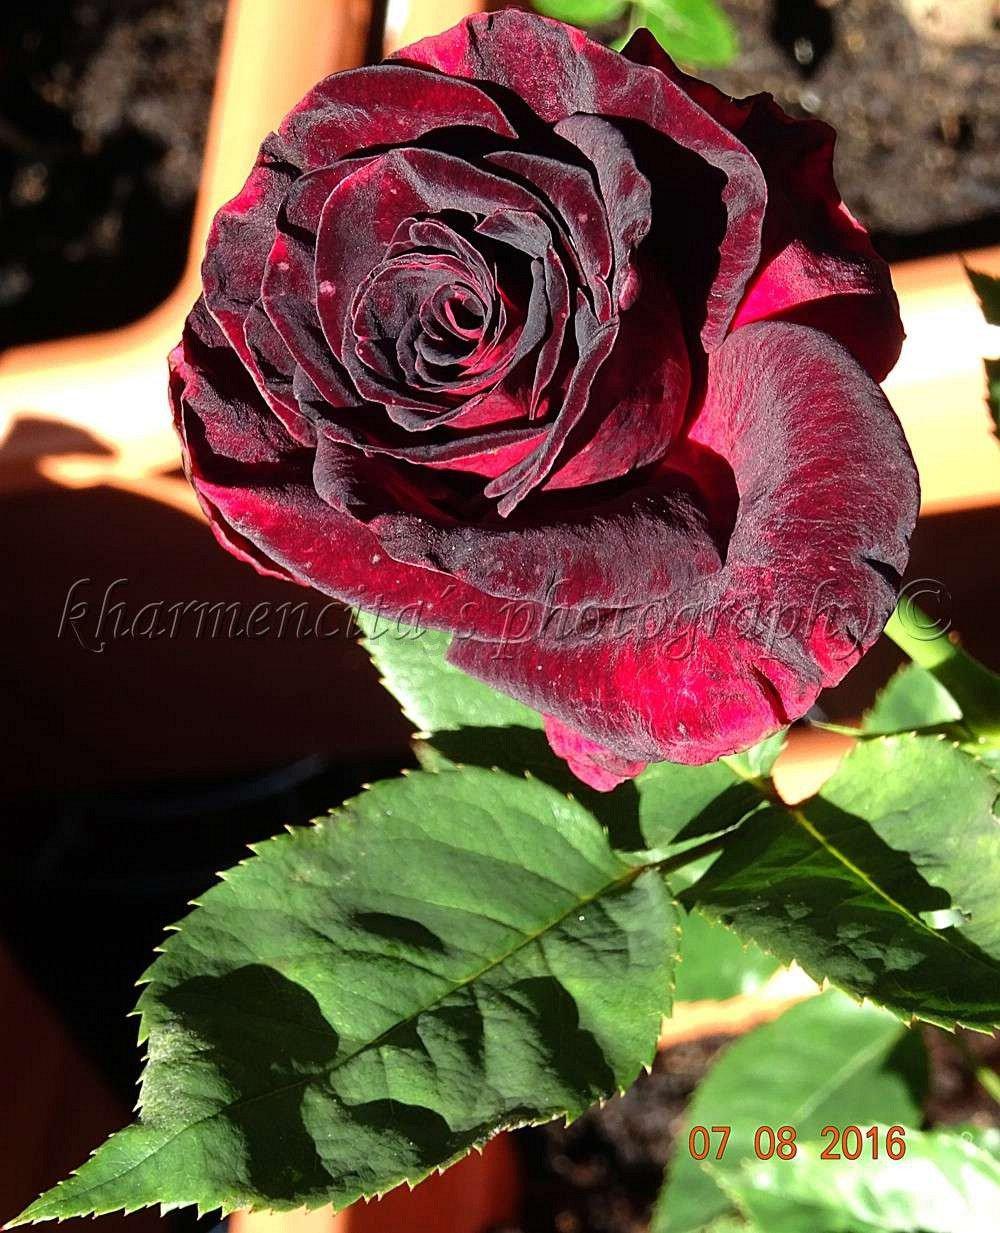 buy rose black baccara online at agel rosen tree roses. Black Bedroom Furniture Sets. Home Design Ideas